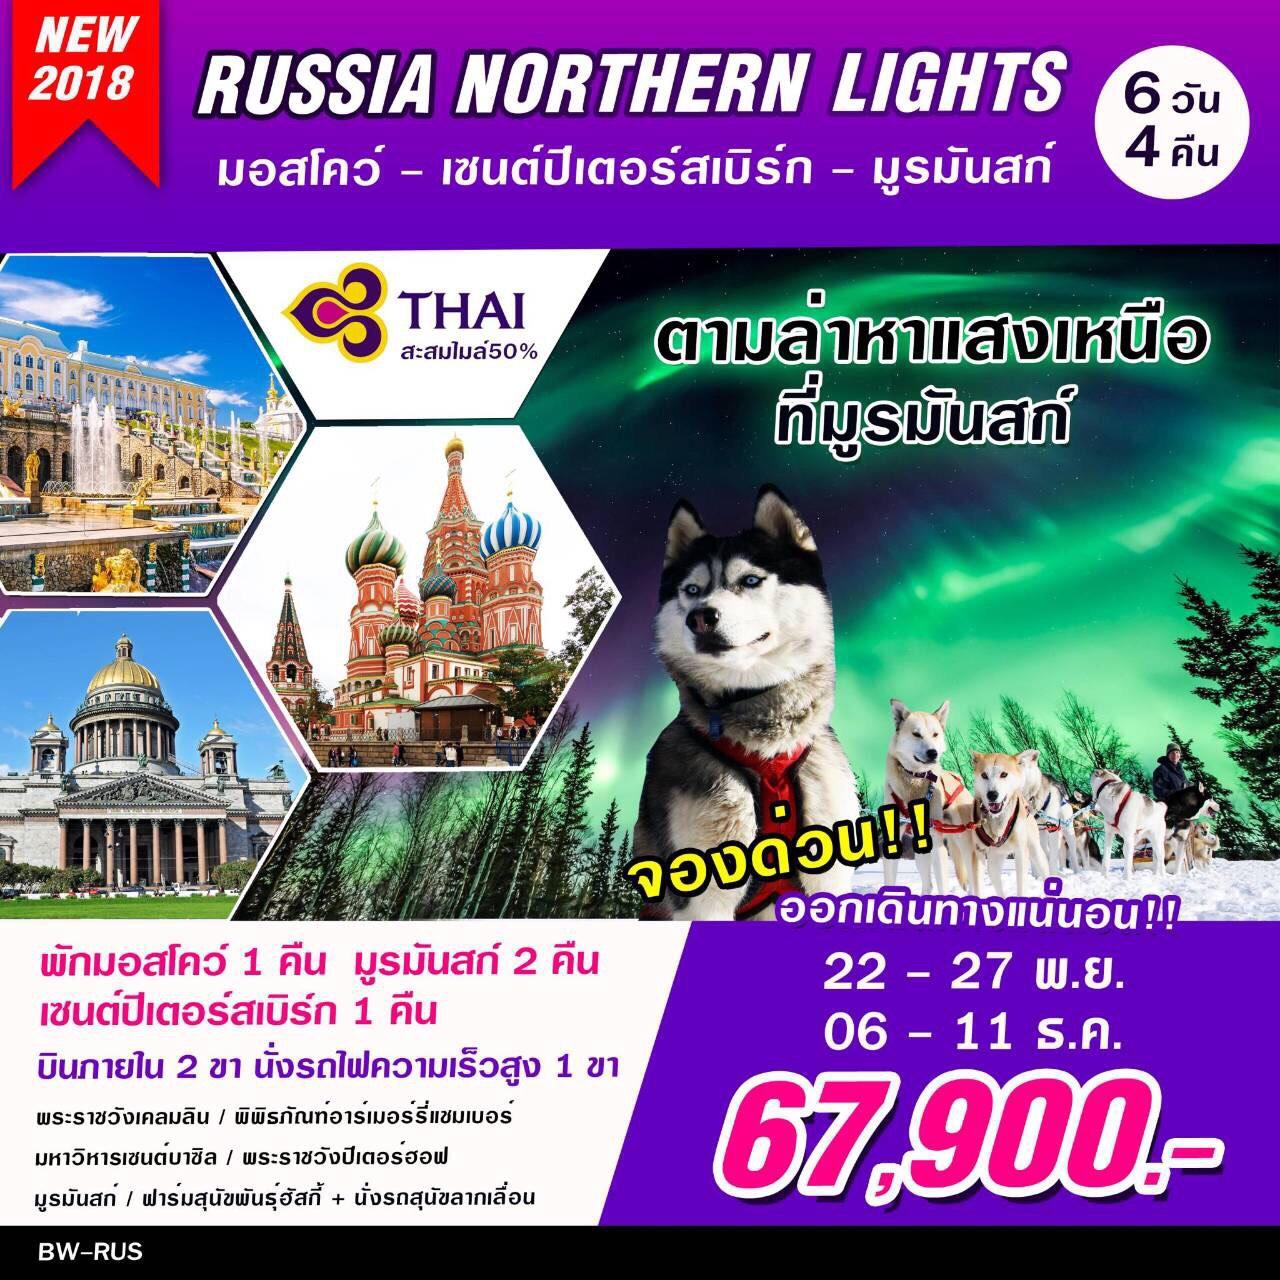 ทัวร์รัสเซียแสงเหนือ Moscow-Murmansk Northern lights 6D4N in NOV-DEC 18 by TG_RUN-A03-BIG